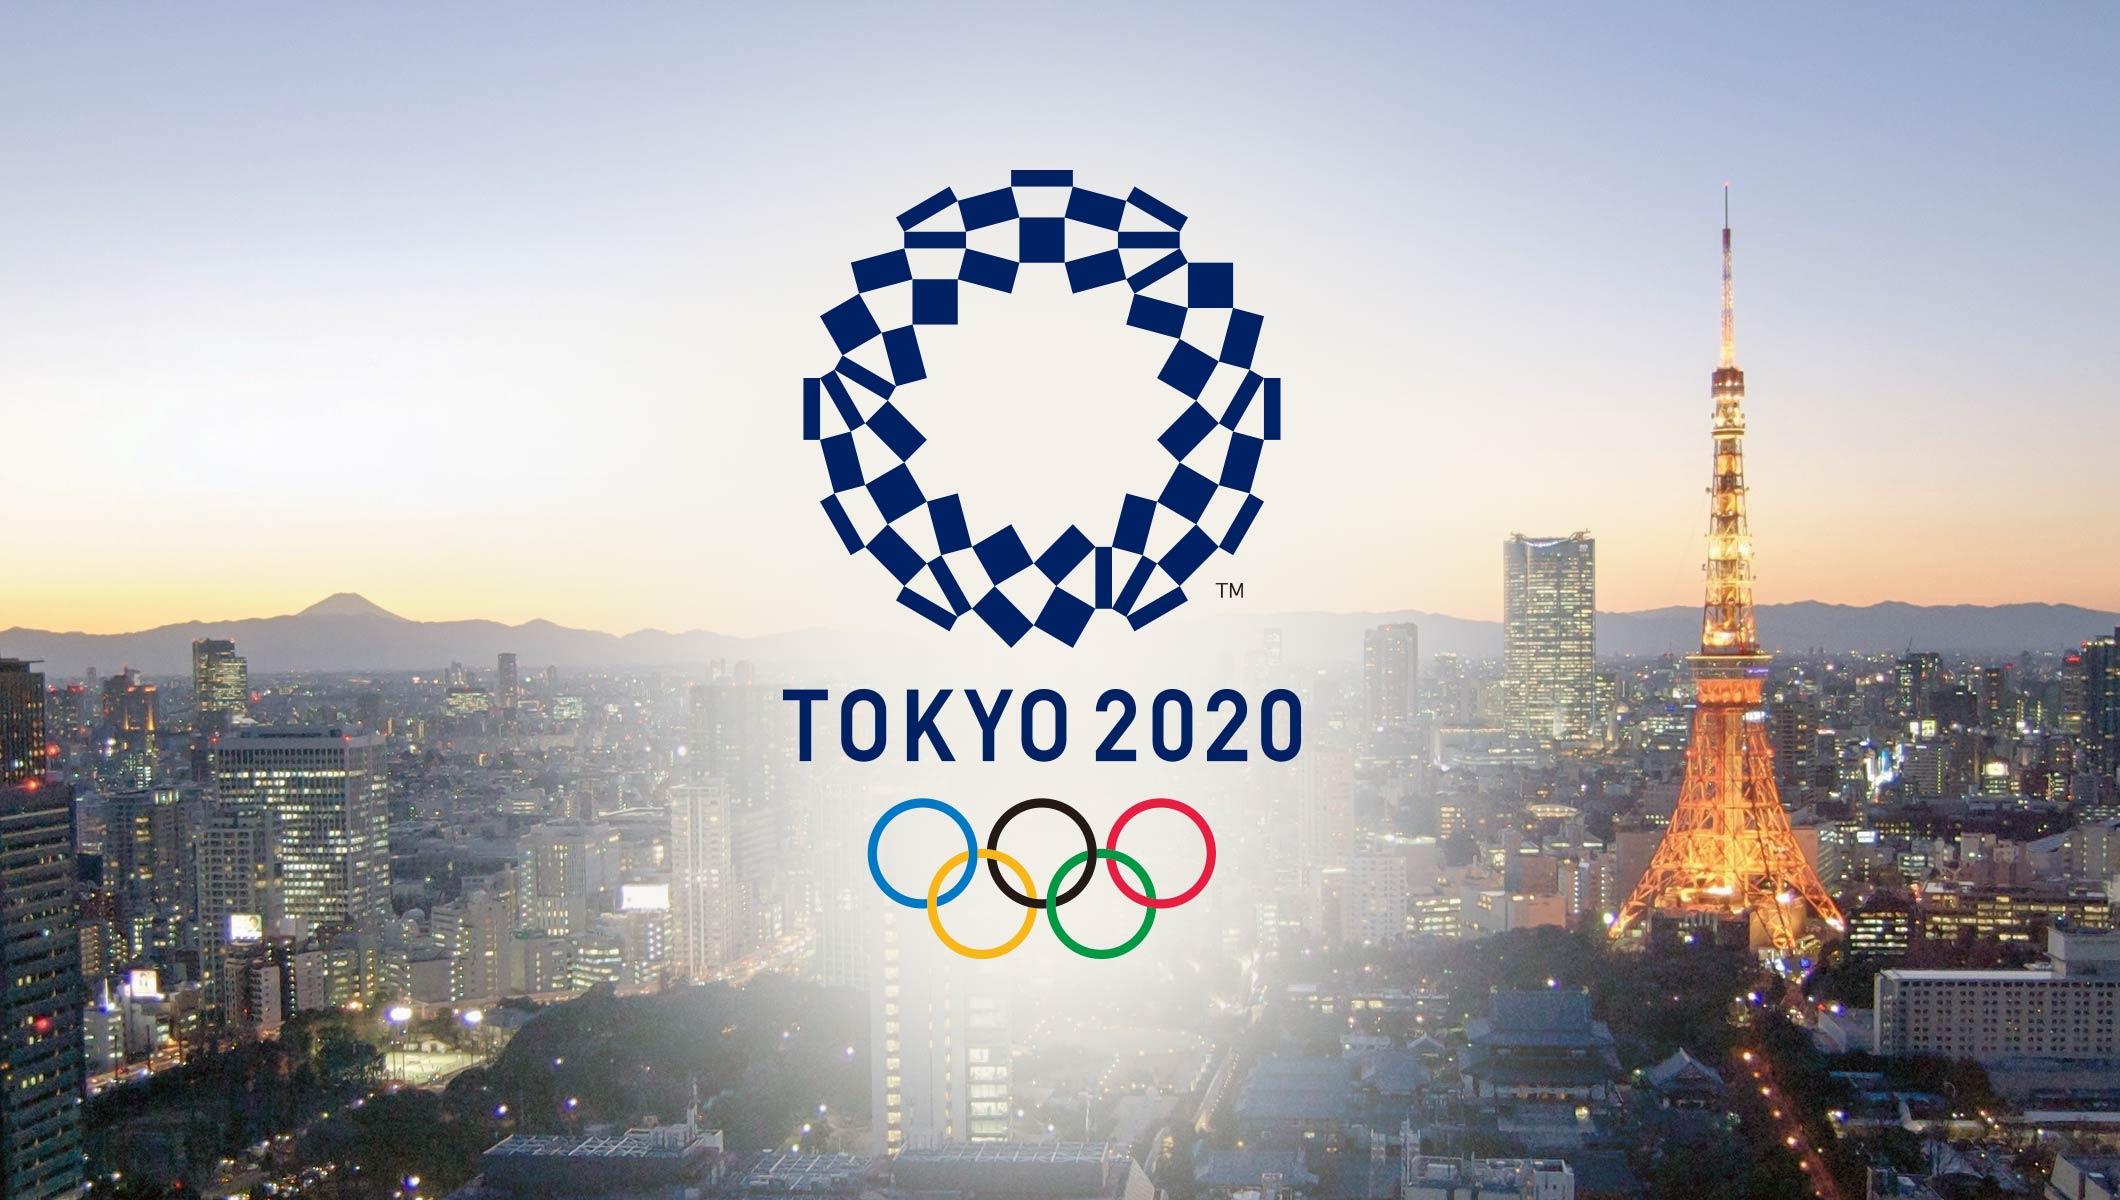 Japón está decidido a realizar los Juegos Olímpicos de Tokio.